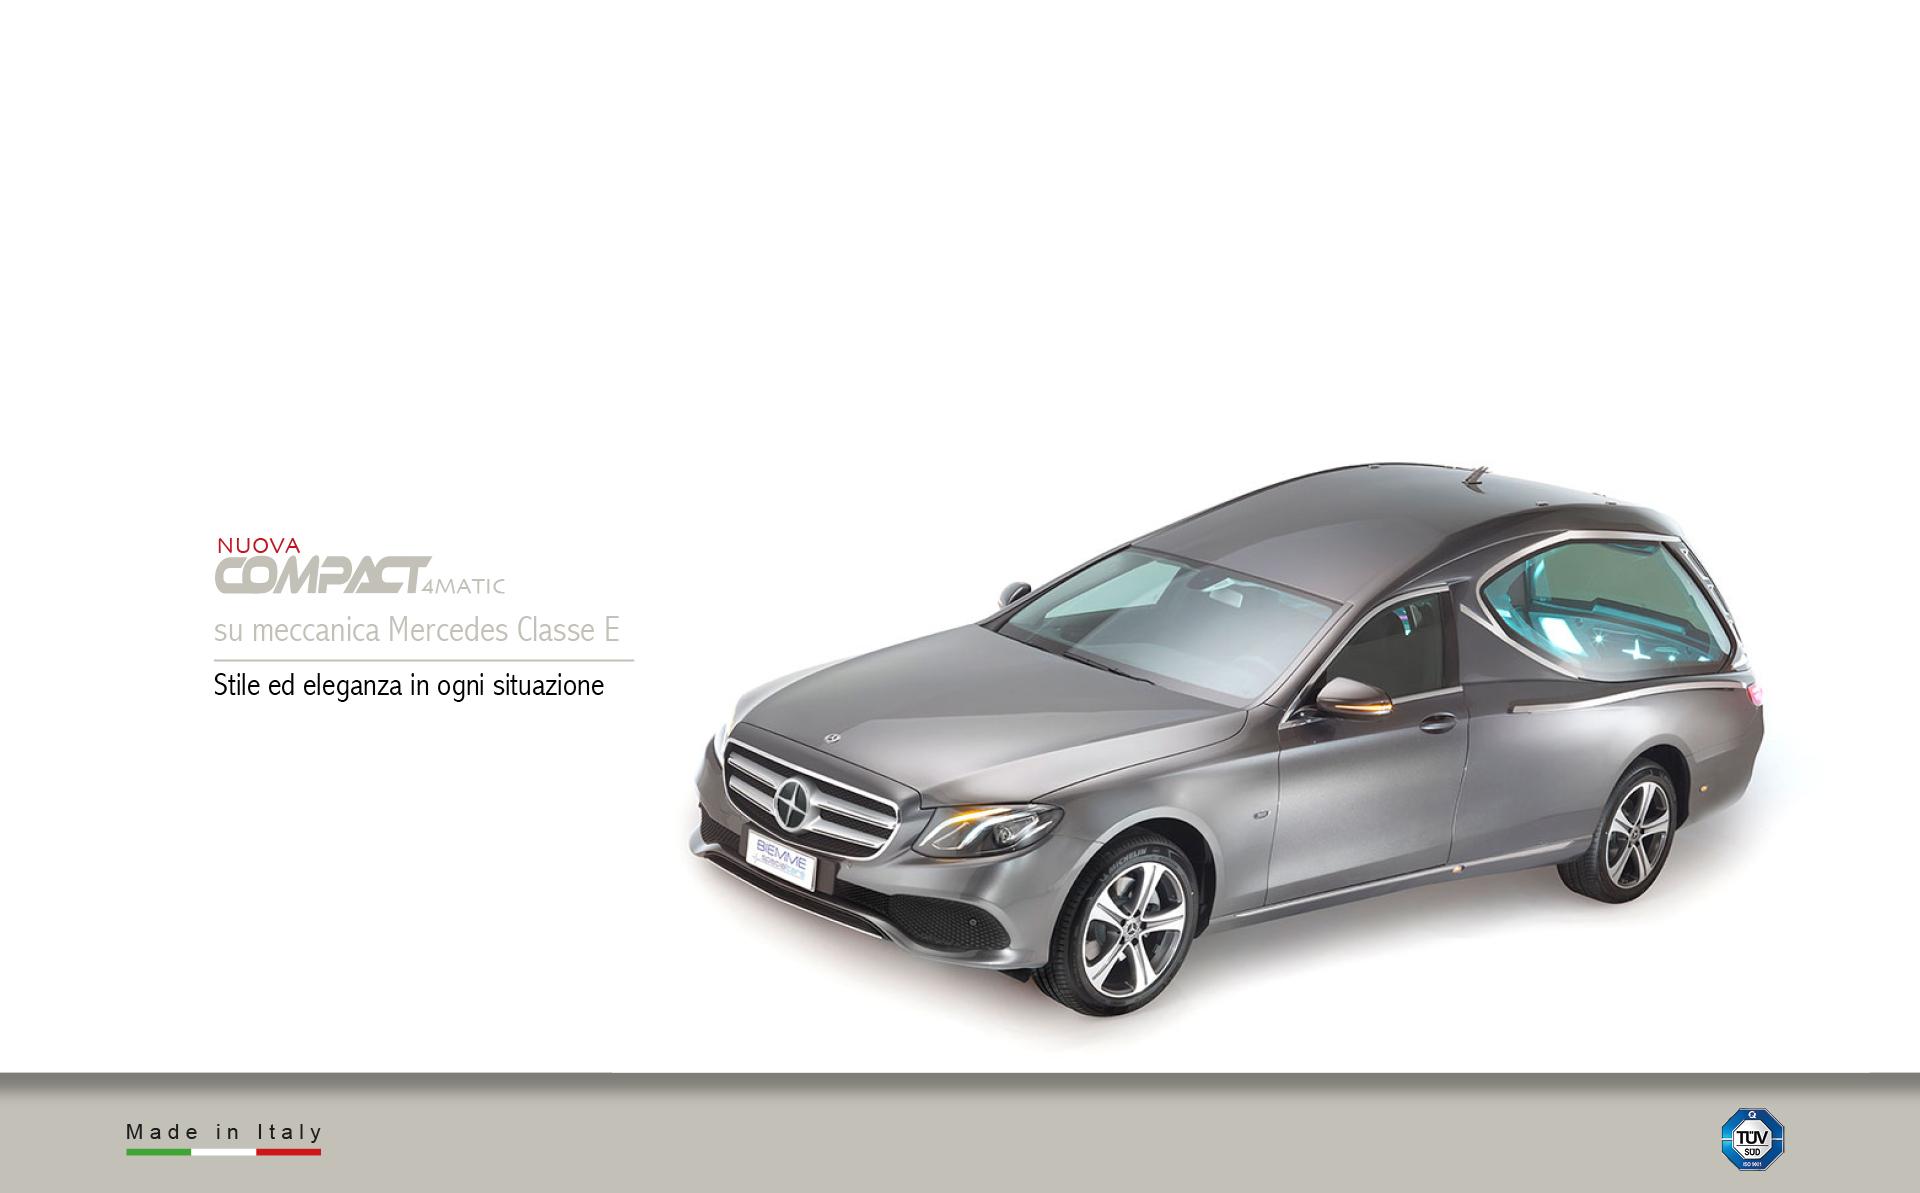 Hearse Compact meccanical Mercedes Benz Classe E